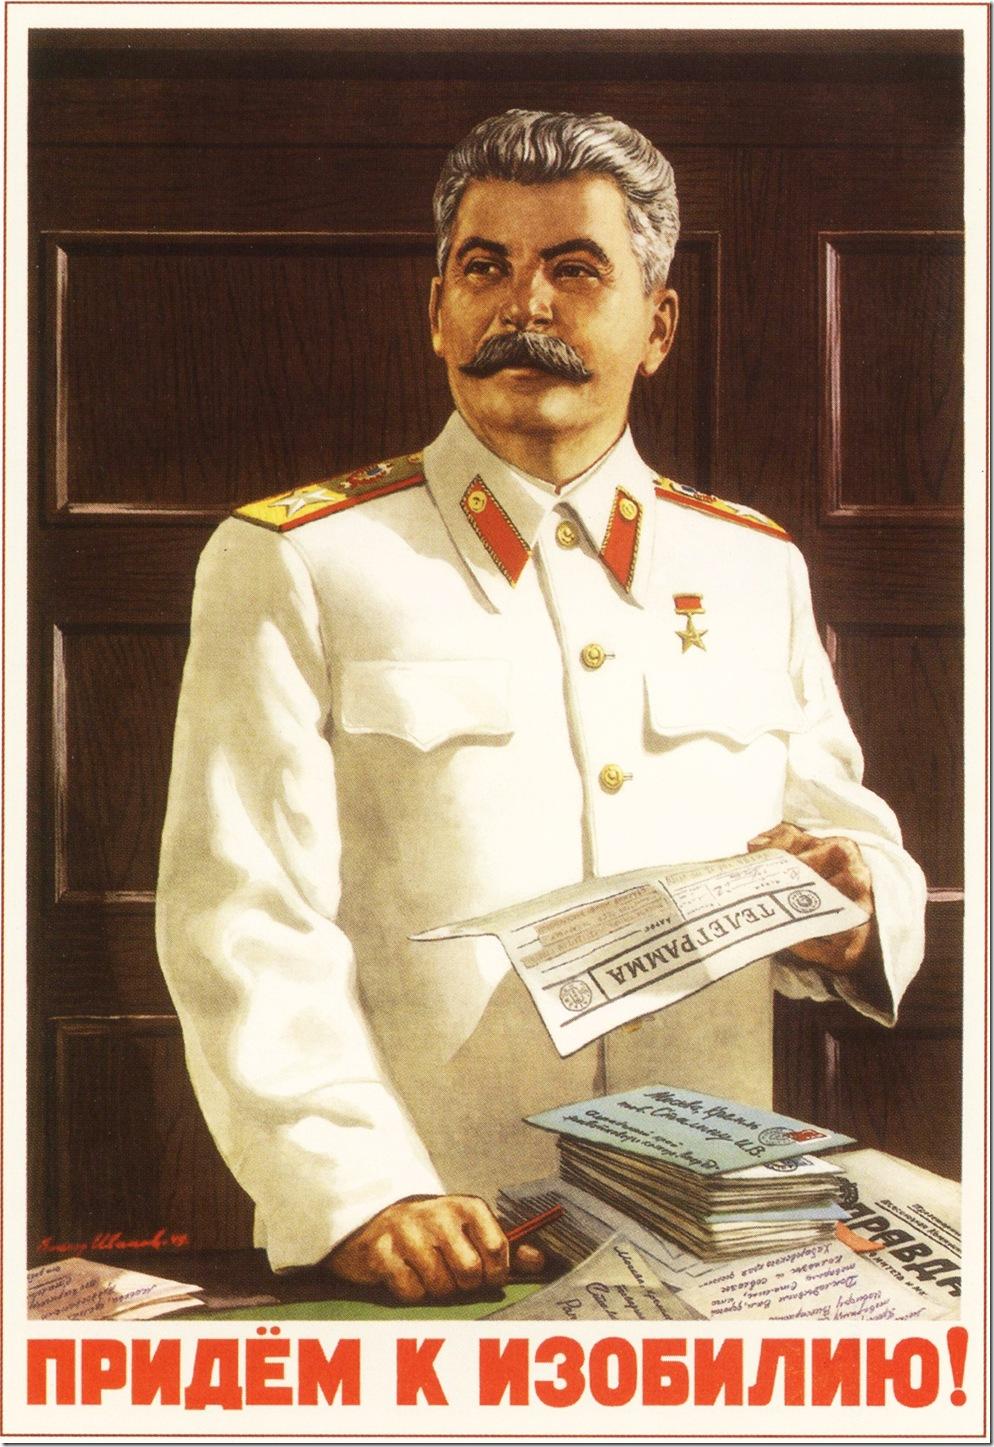 Придем к изобилию,И.В.Сталин,Cталин,портрет,советский,плакат,ссср,ussr,Stalin,portrait, soviet, poster,sahallin,Let's come to abundance,ВЕЛИКИЙ СТАЛИН - GREAT STALIN,сахалин,sakhalin